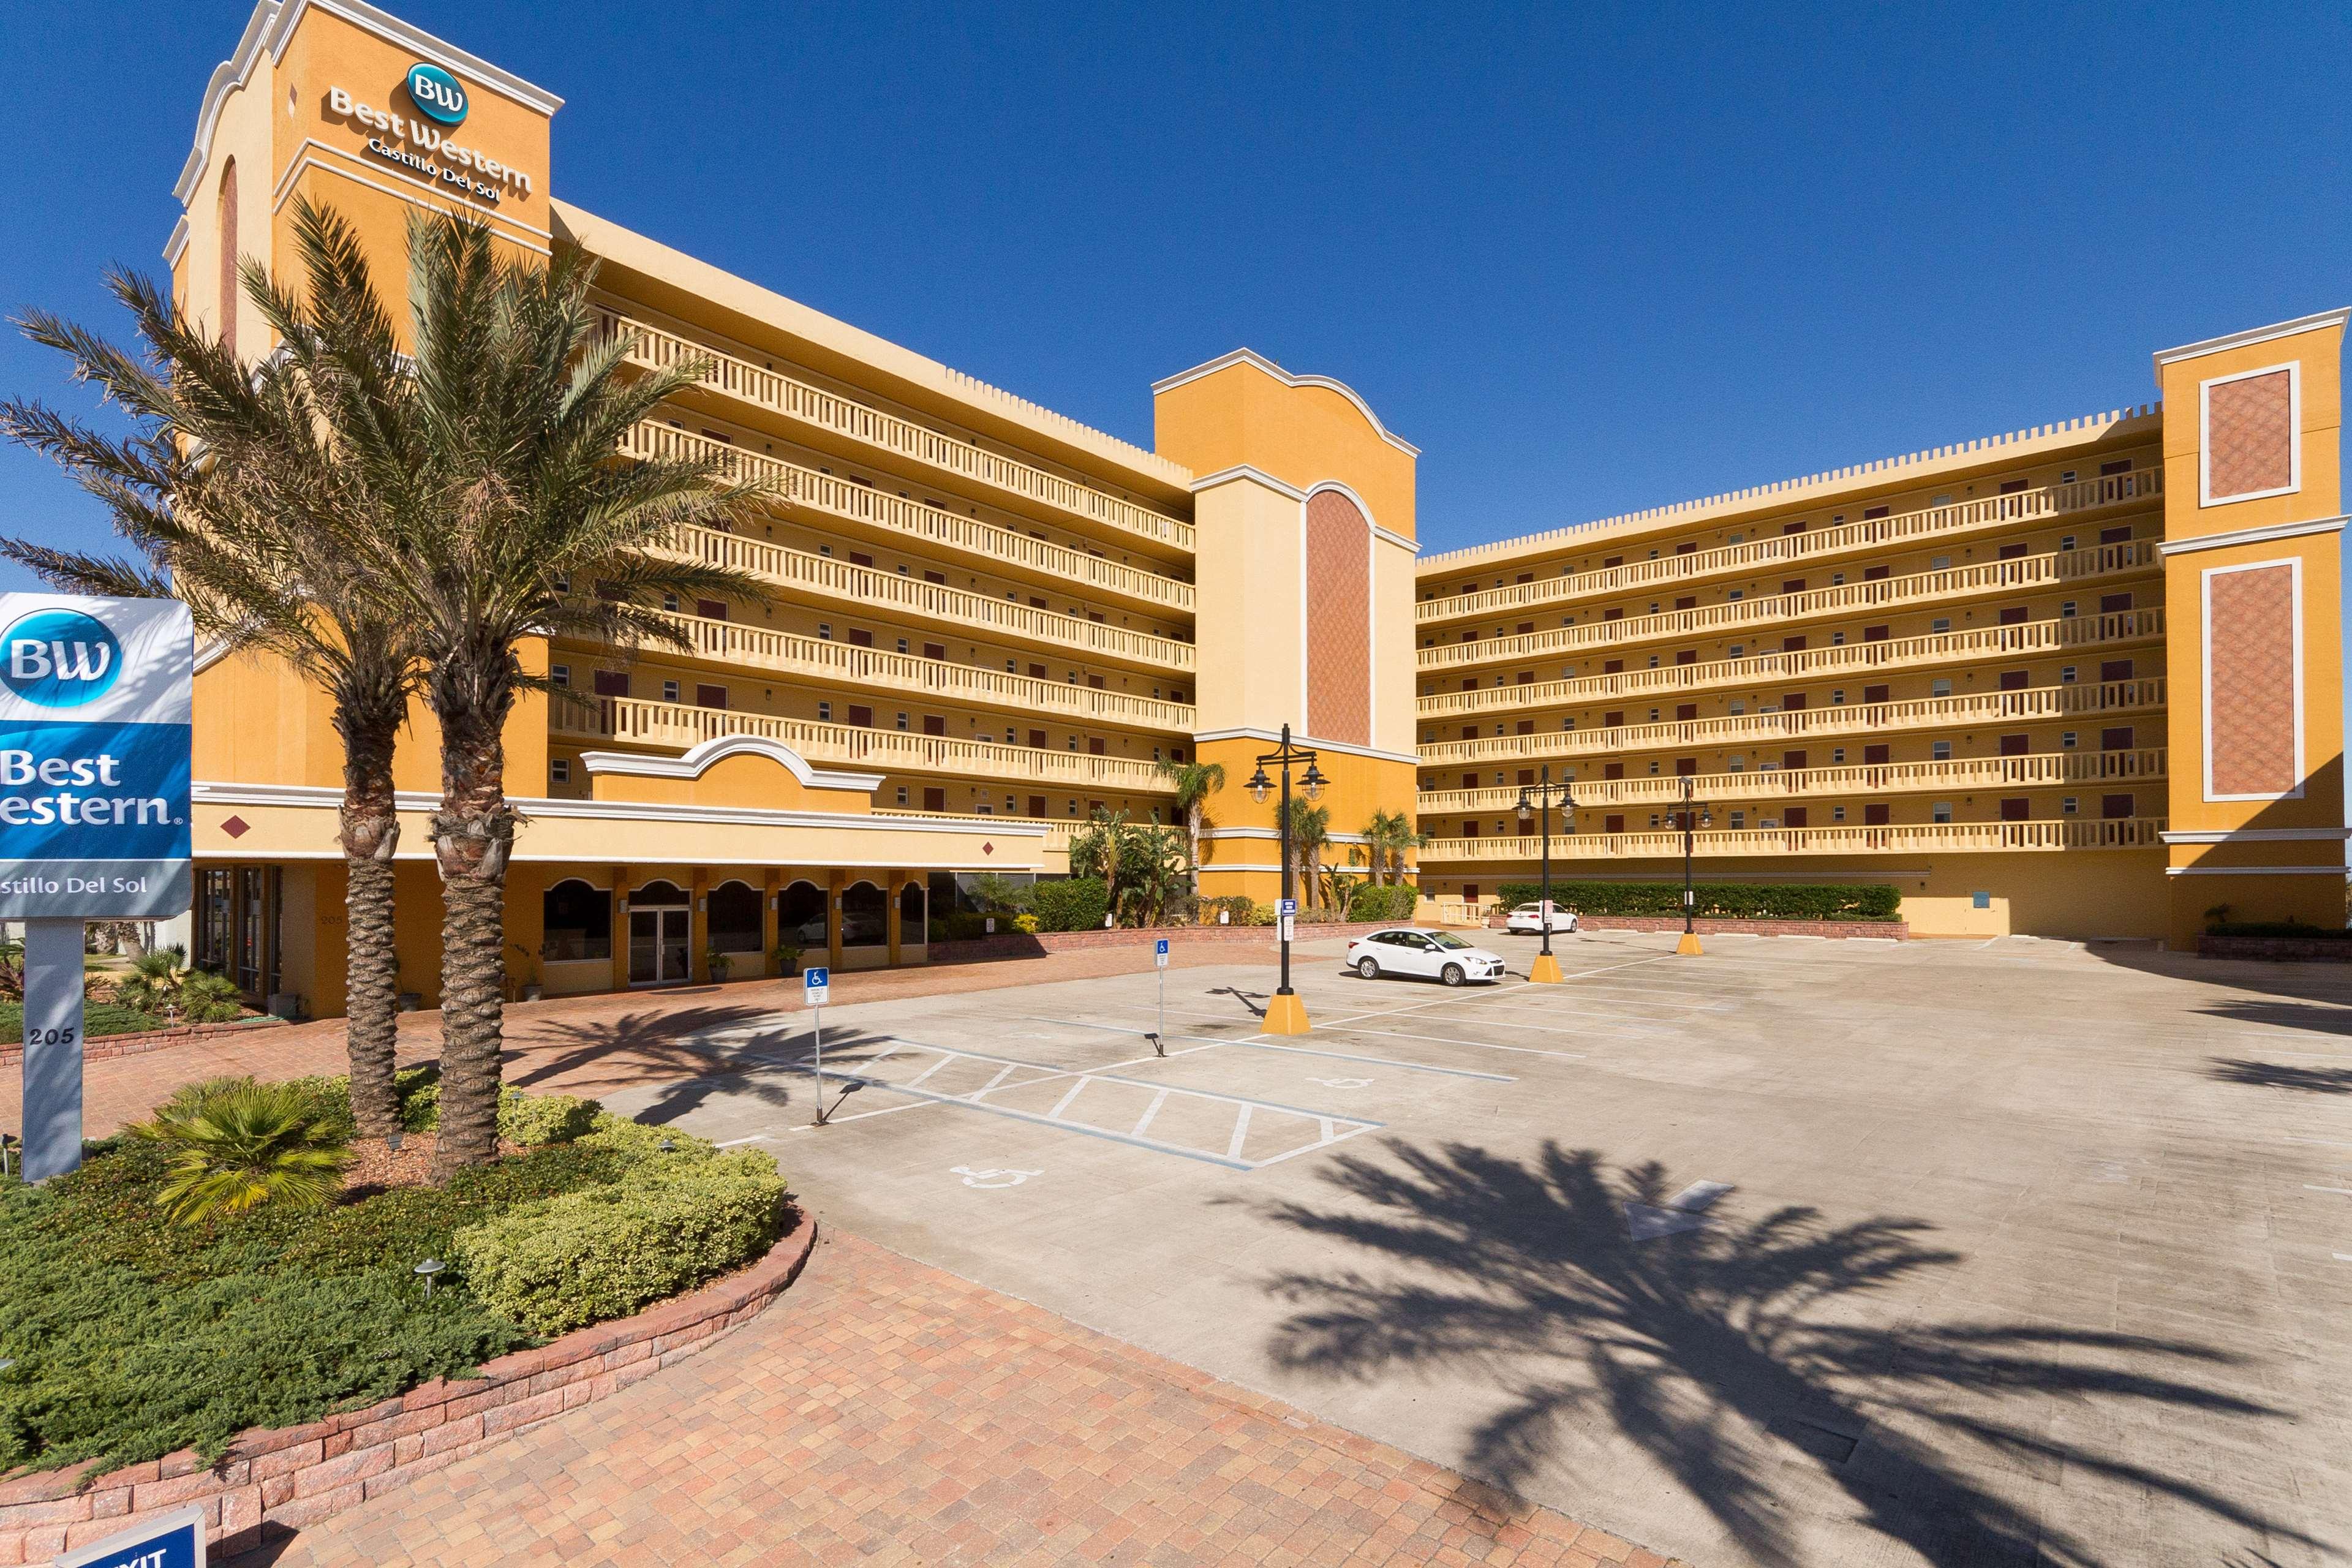 Best Western Hotel Ormond Beach Fl